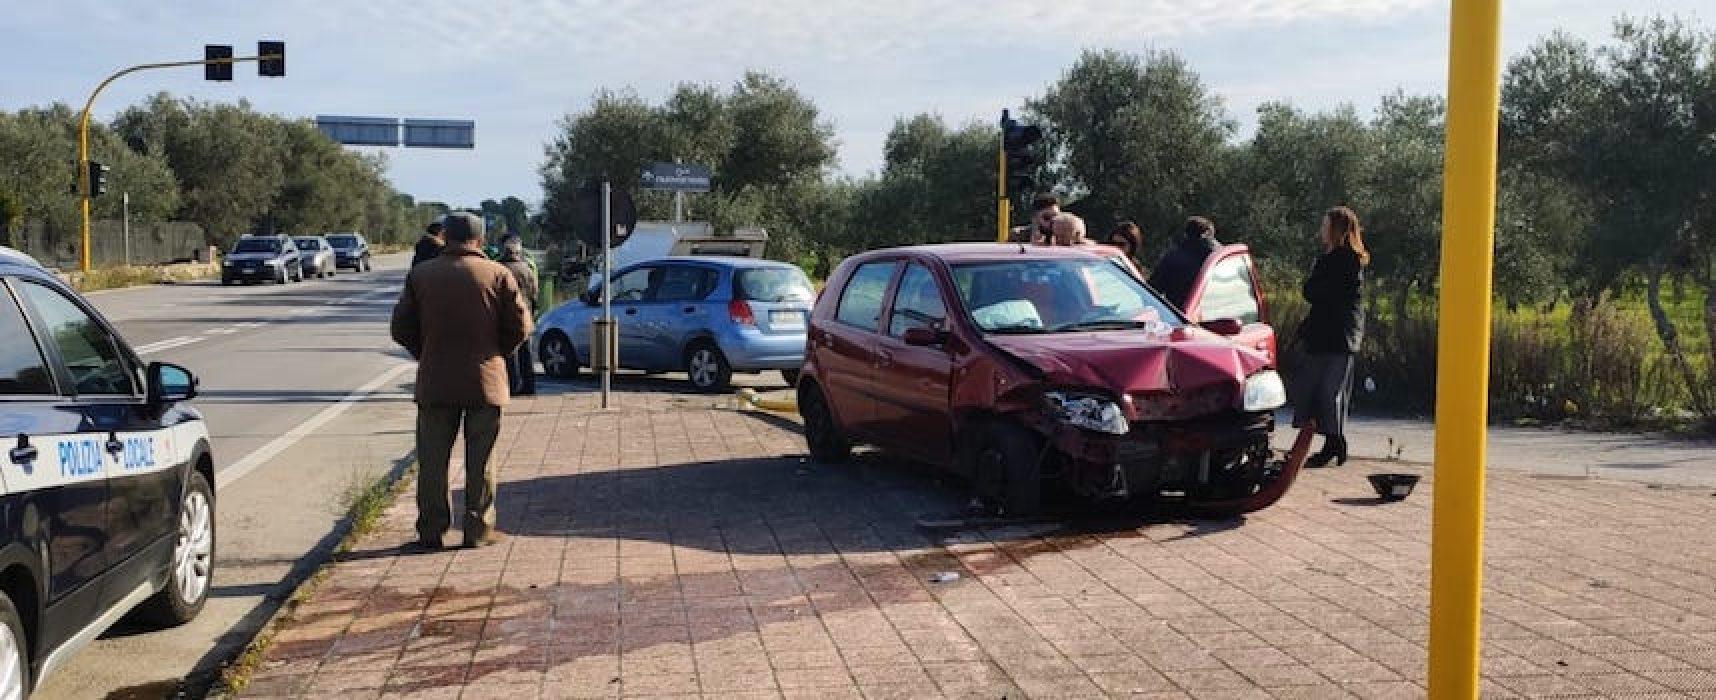 Incidente su via Imbriani, ferito un 70enne